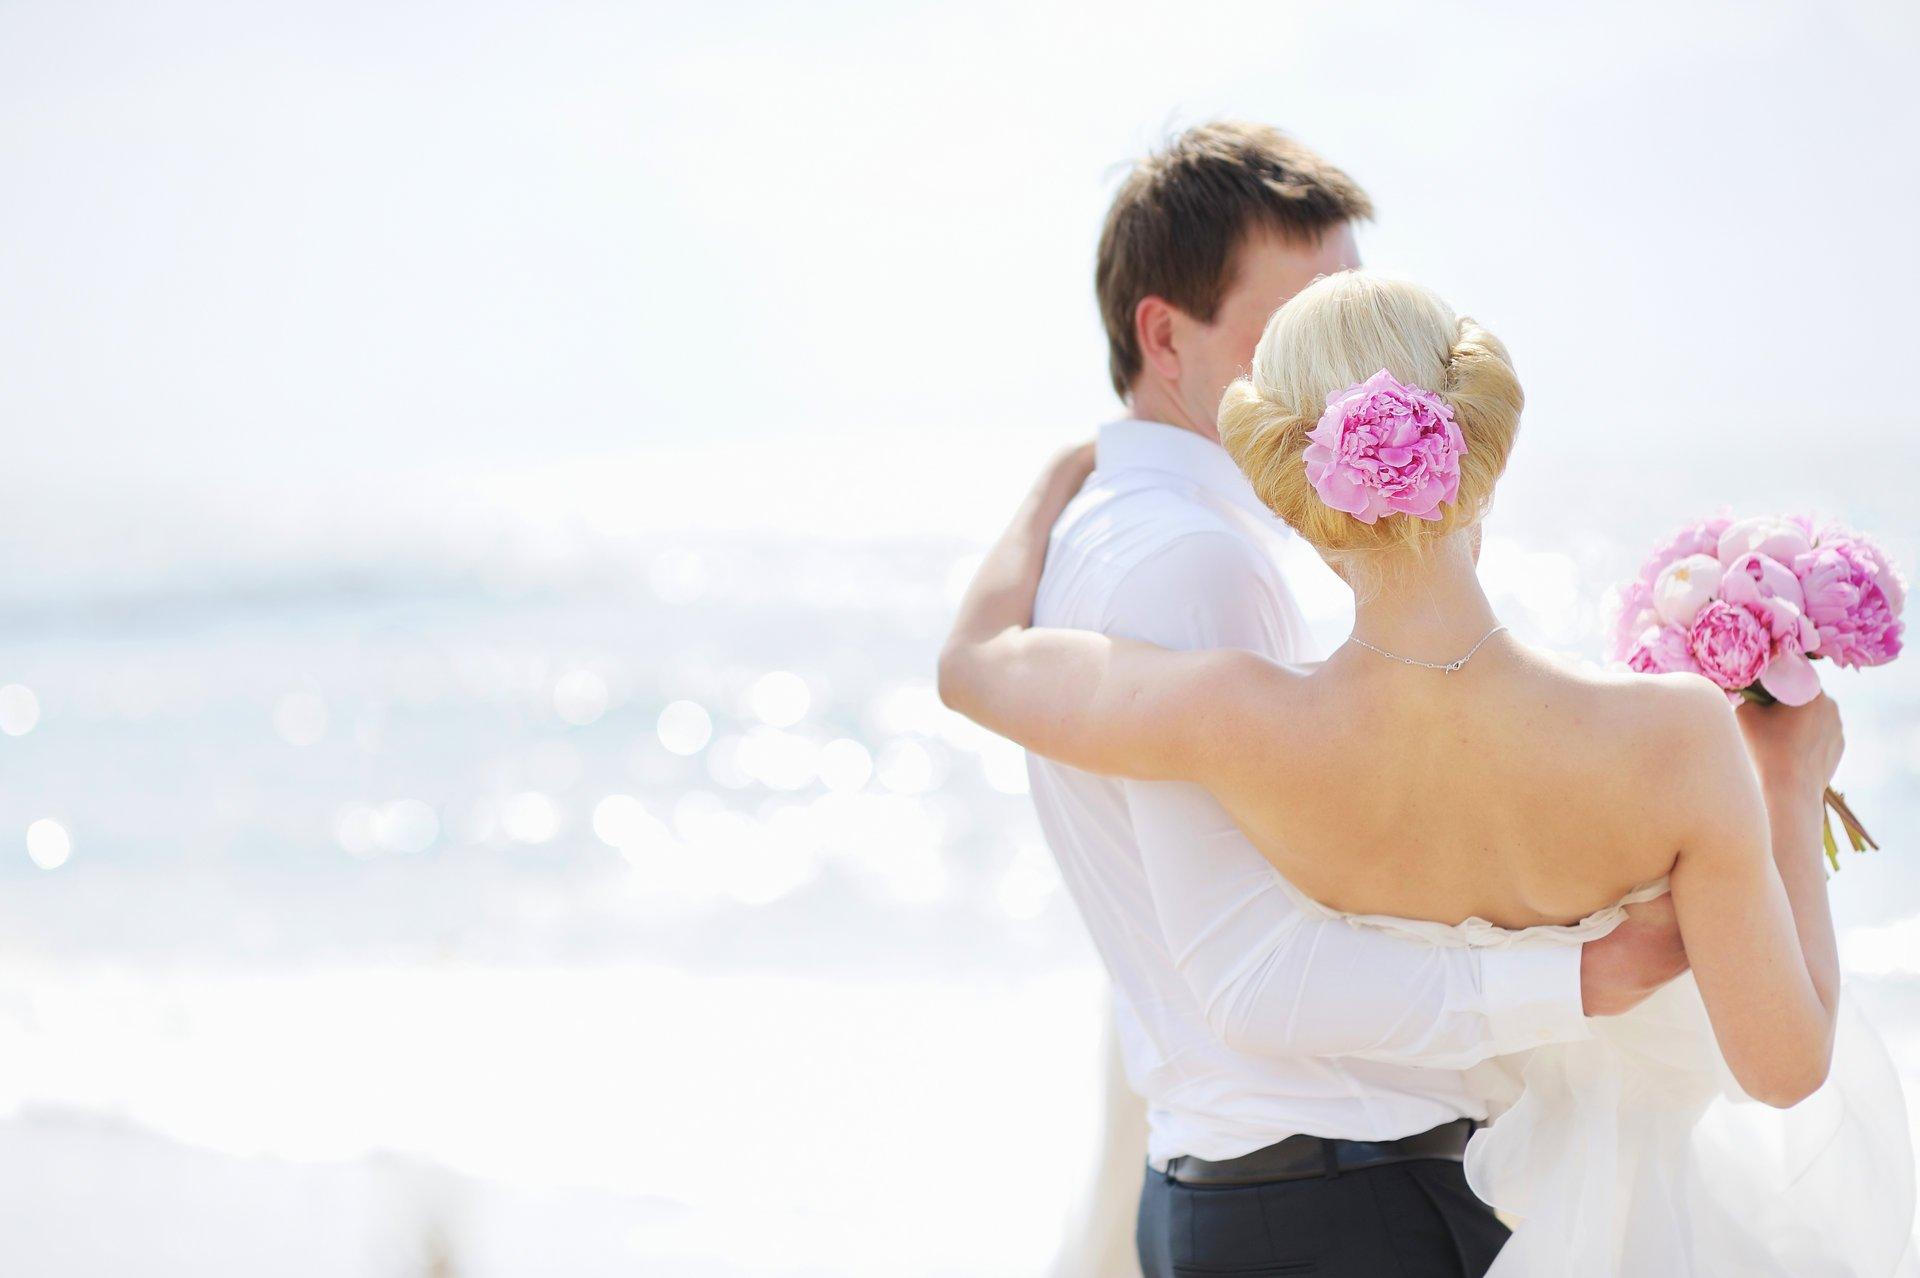 Картинки про замужество без любви